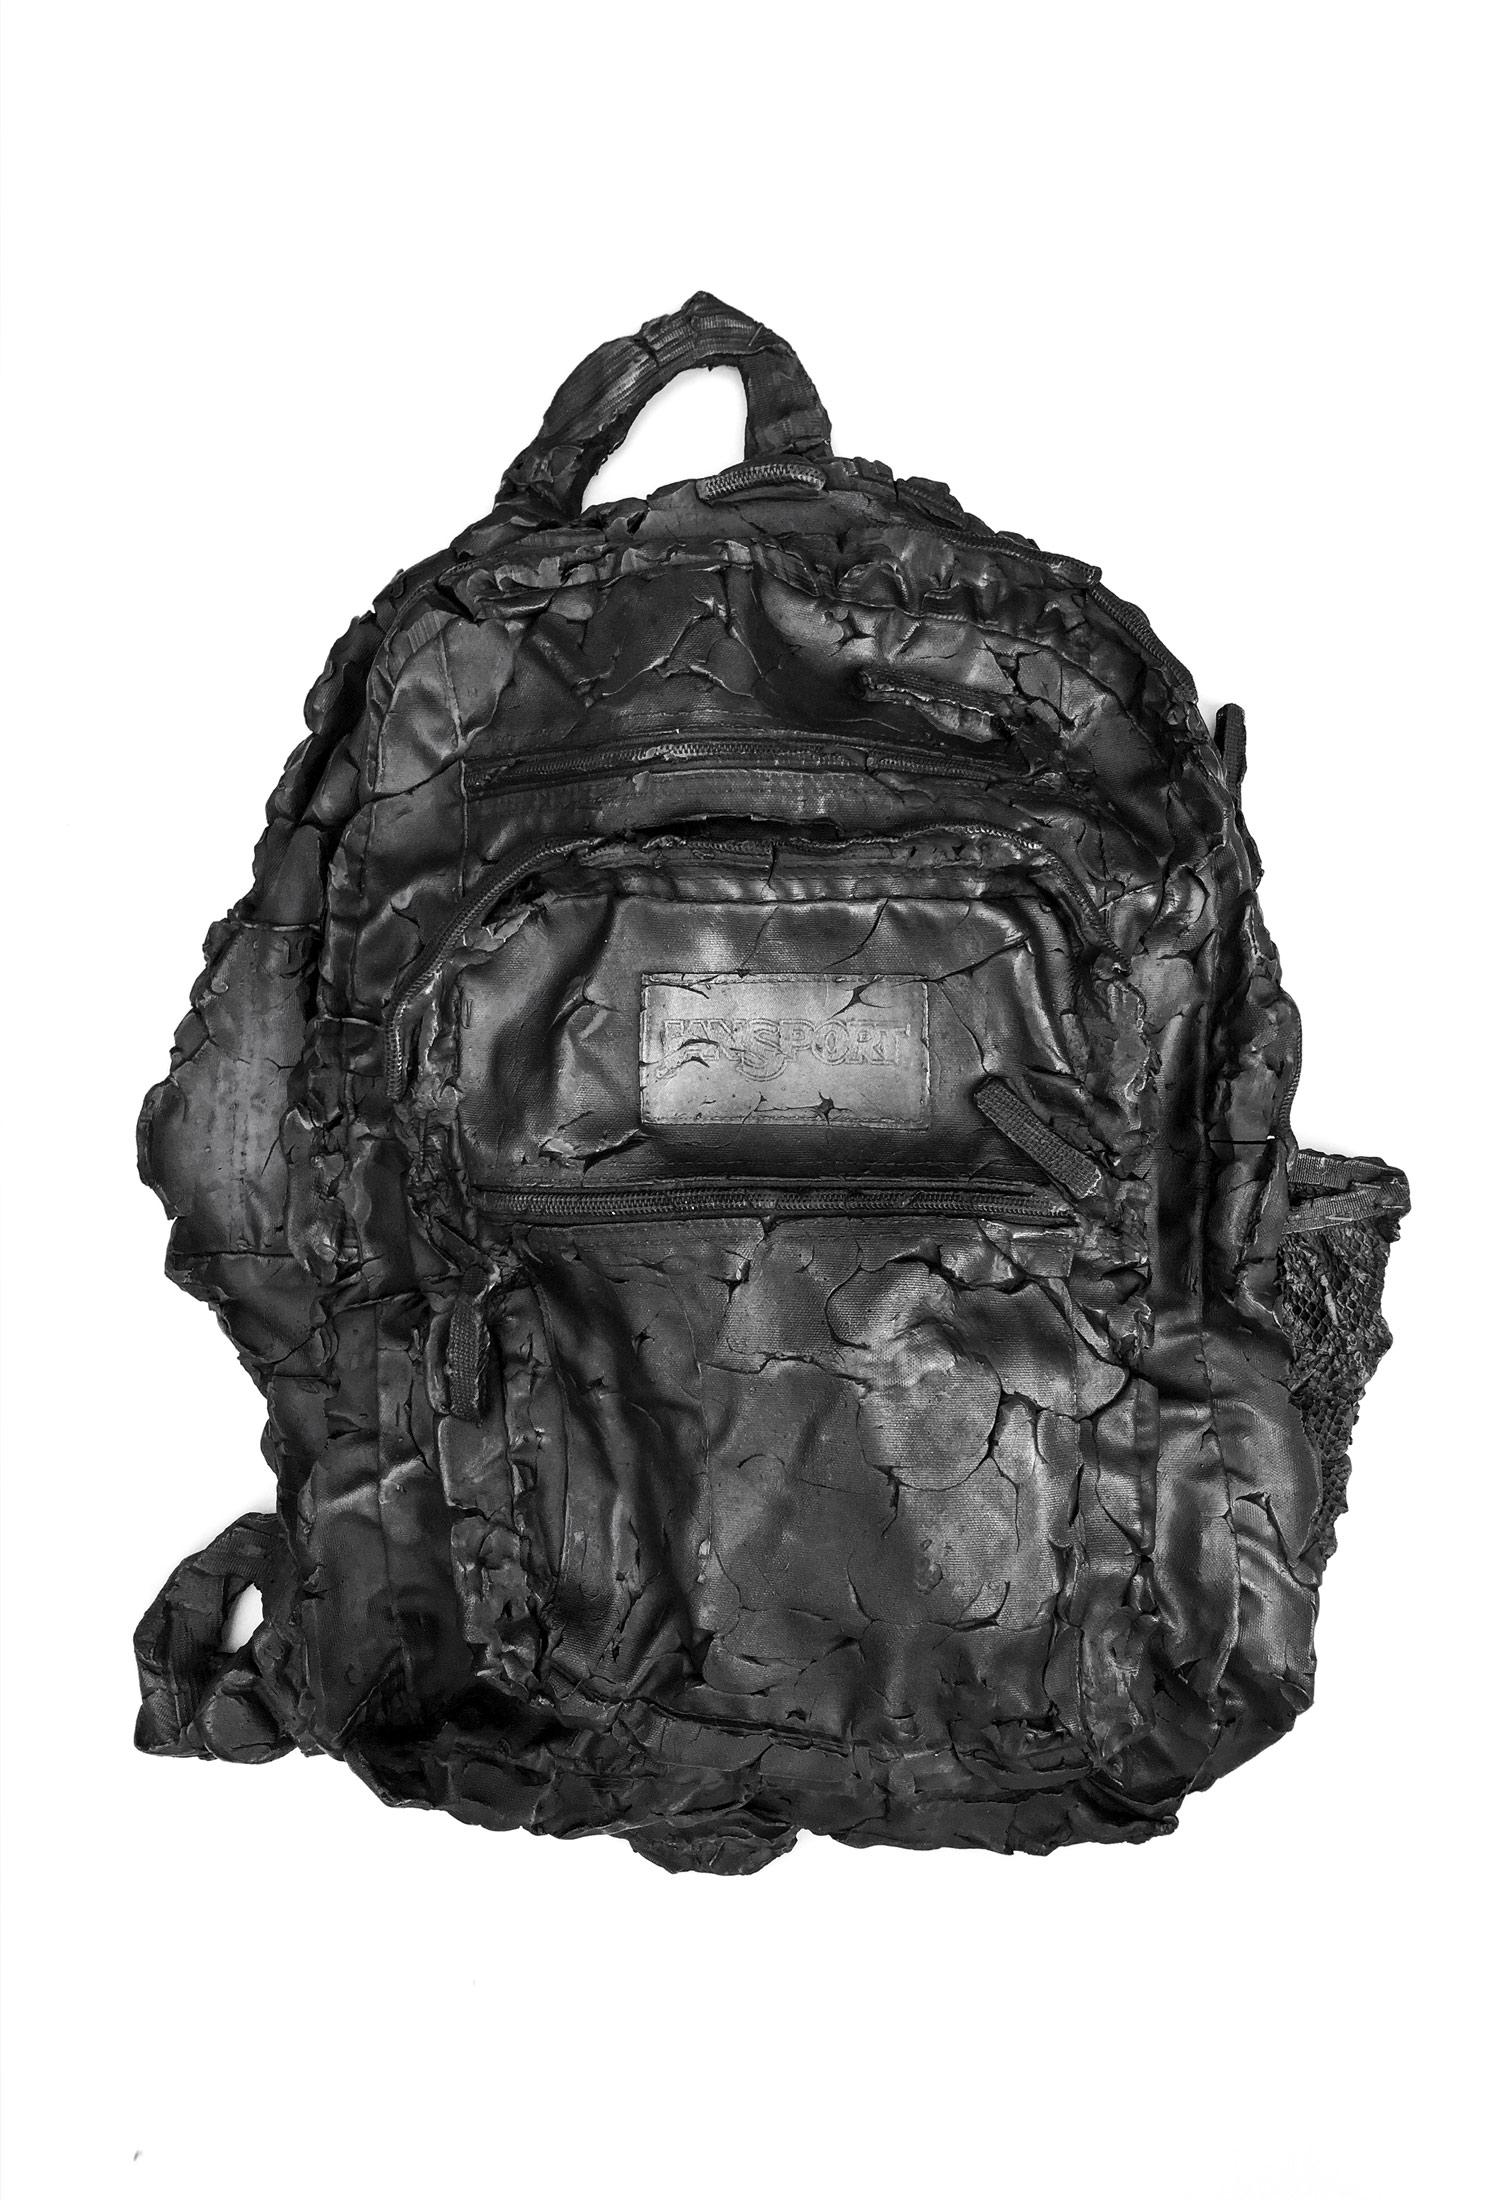 backpack_web1.jpg